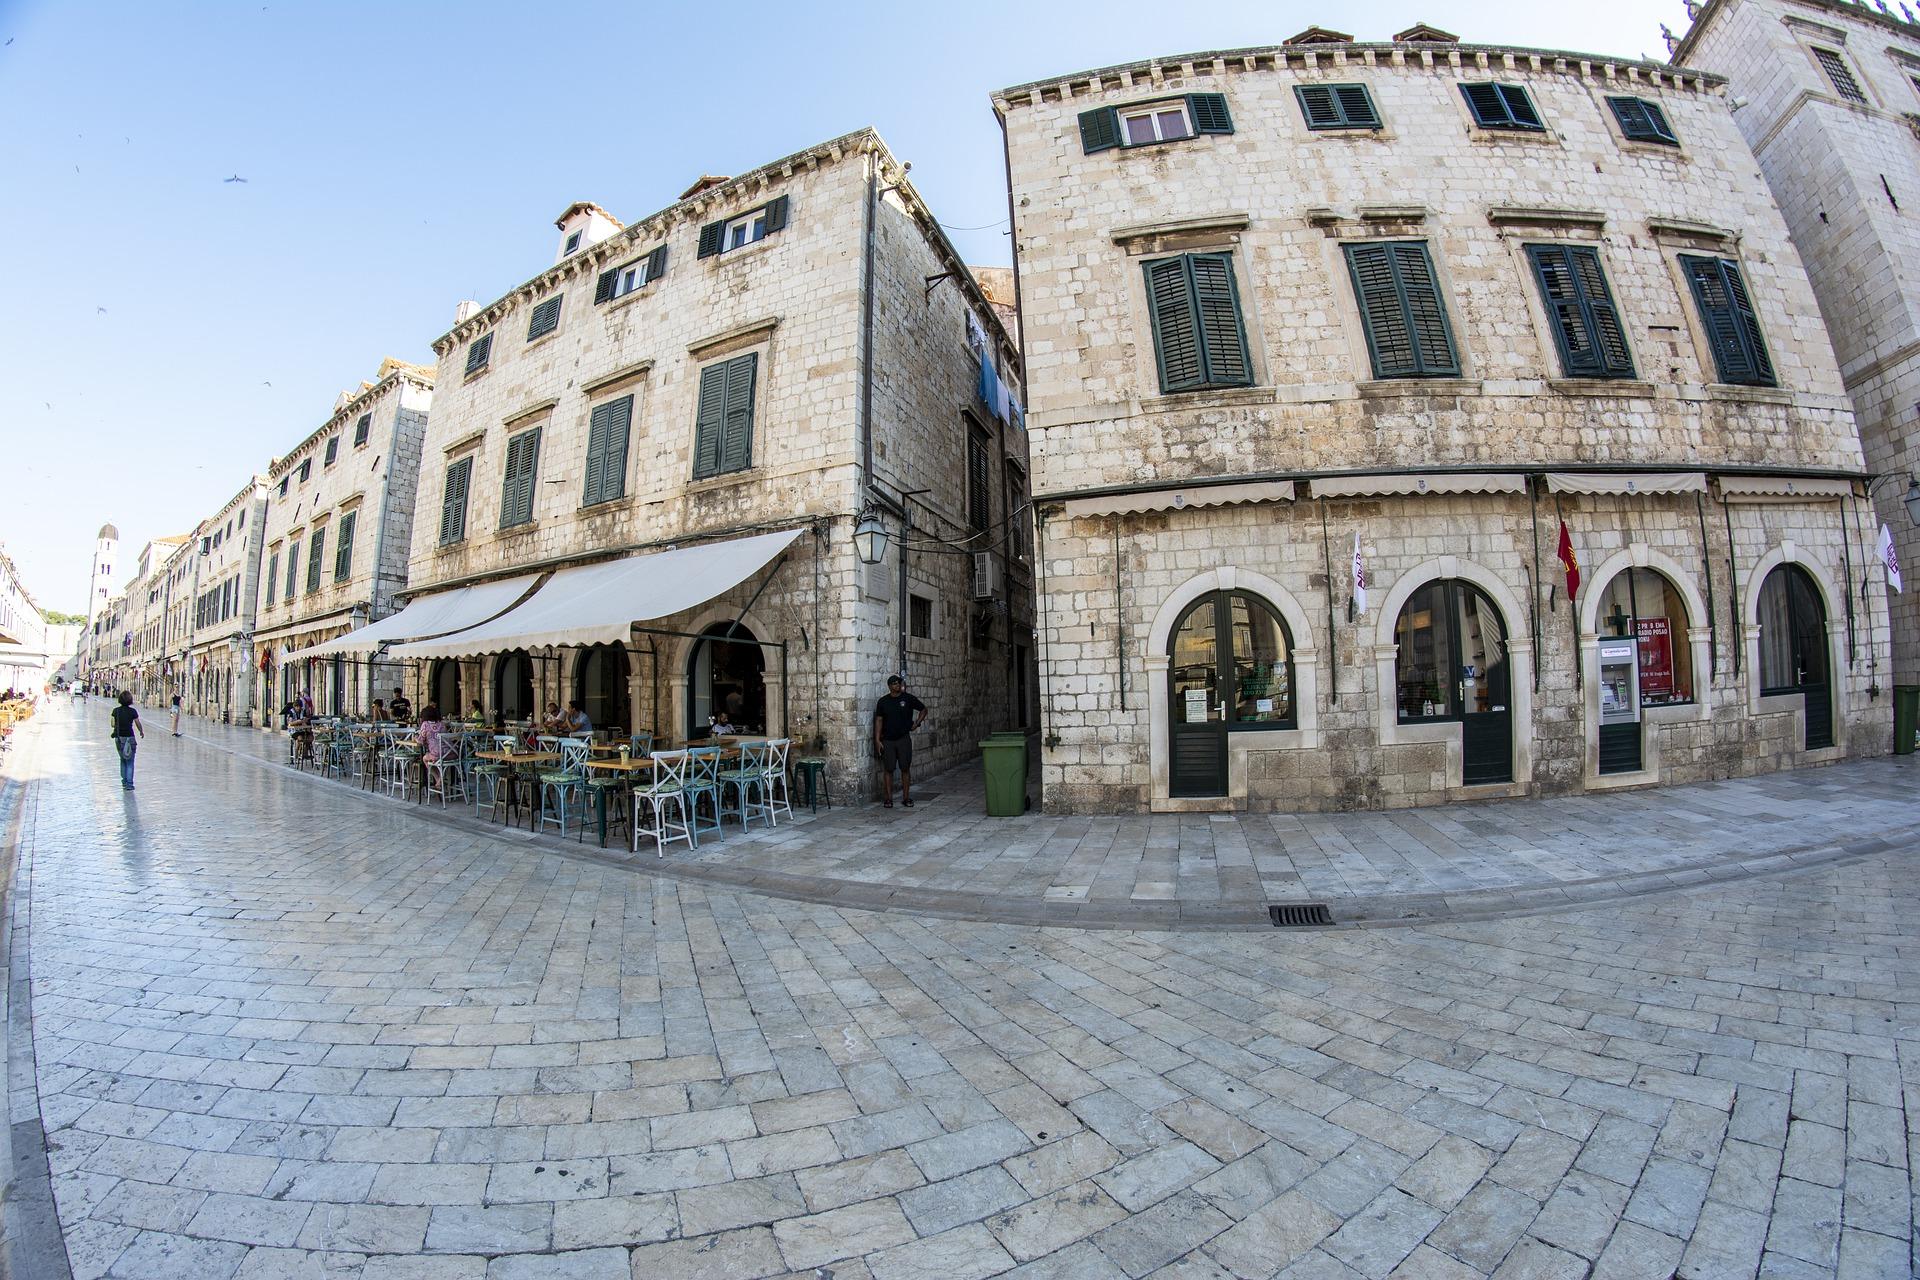 Le vie del centro storico